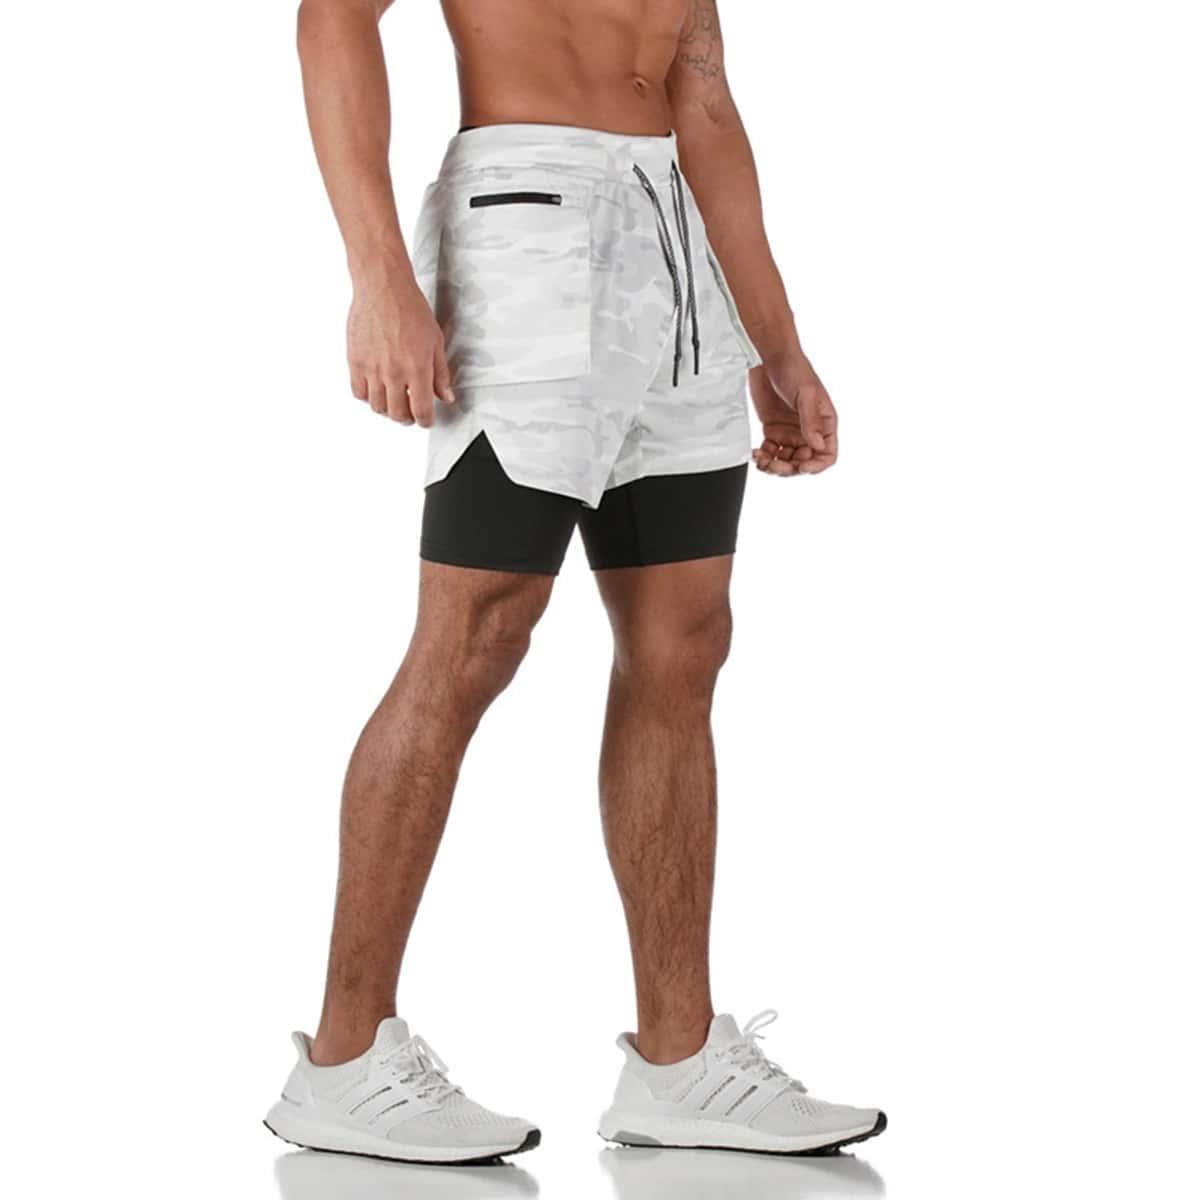 Мужские спортивные шорты с камуфляжным принтом и карманом для телефона